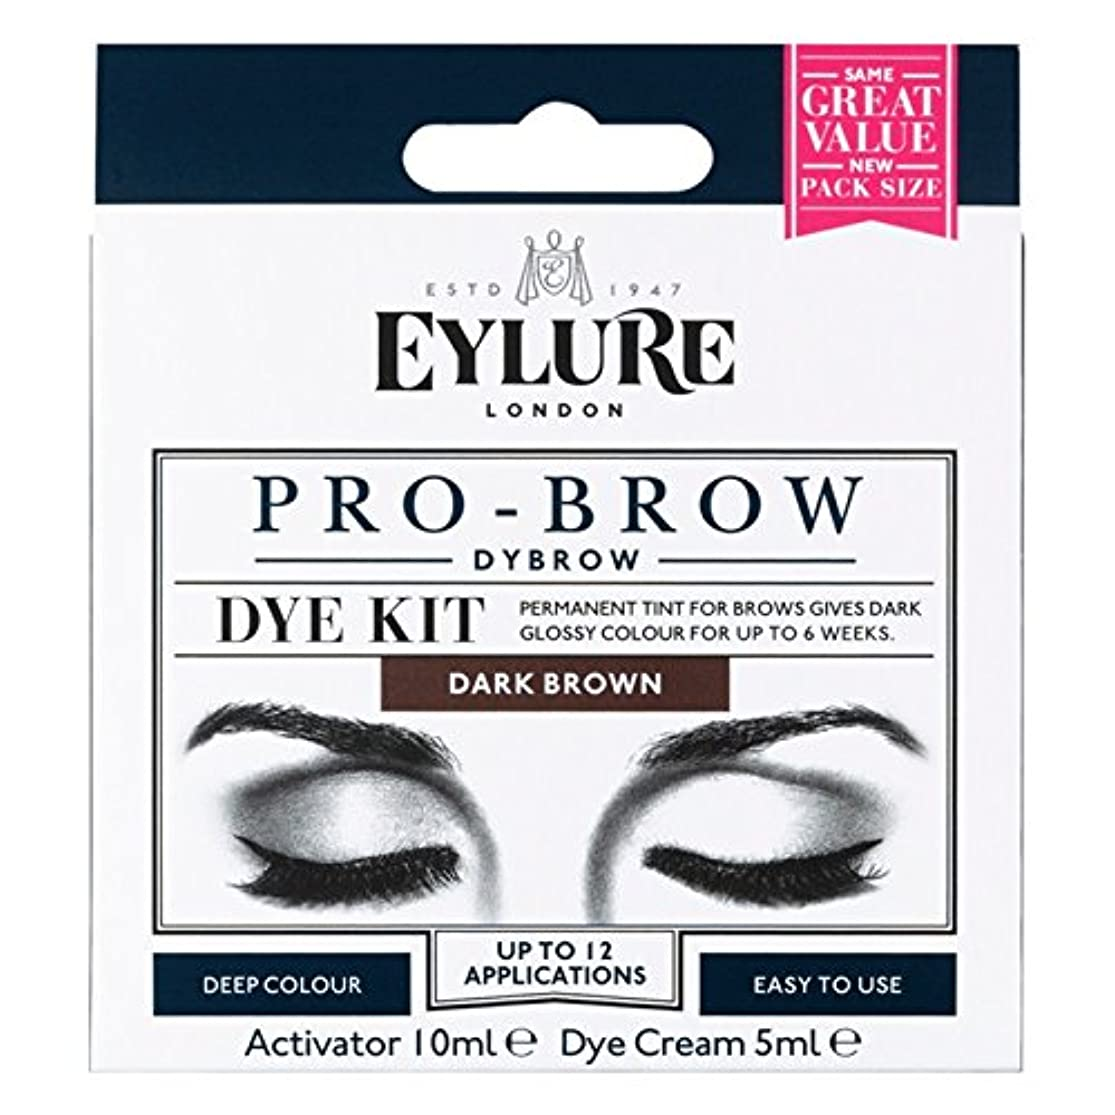 創造雷雨ルートEylureプロ眉6週間の眉色素キットダークブラウン (Eylure) - Eylure Pro-Brow 6 Weeks Brow Dye Kit Dark Brown [並行輸入品]